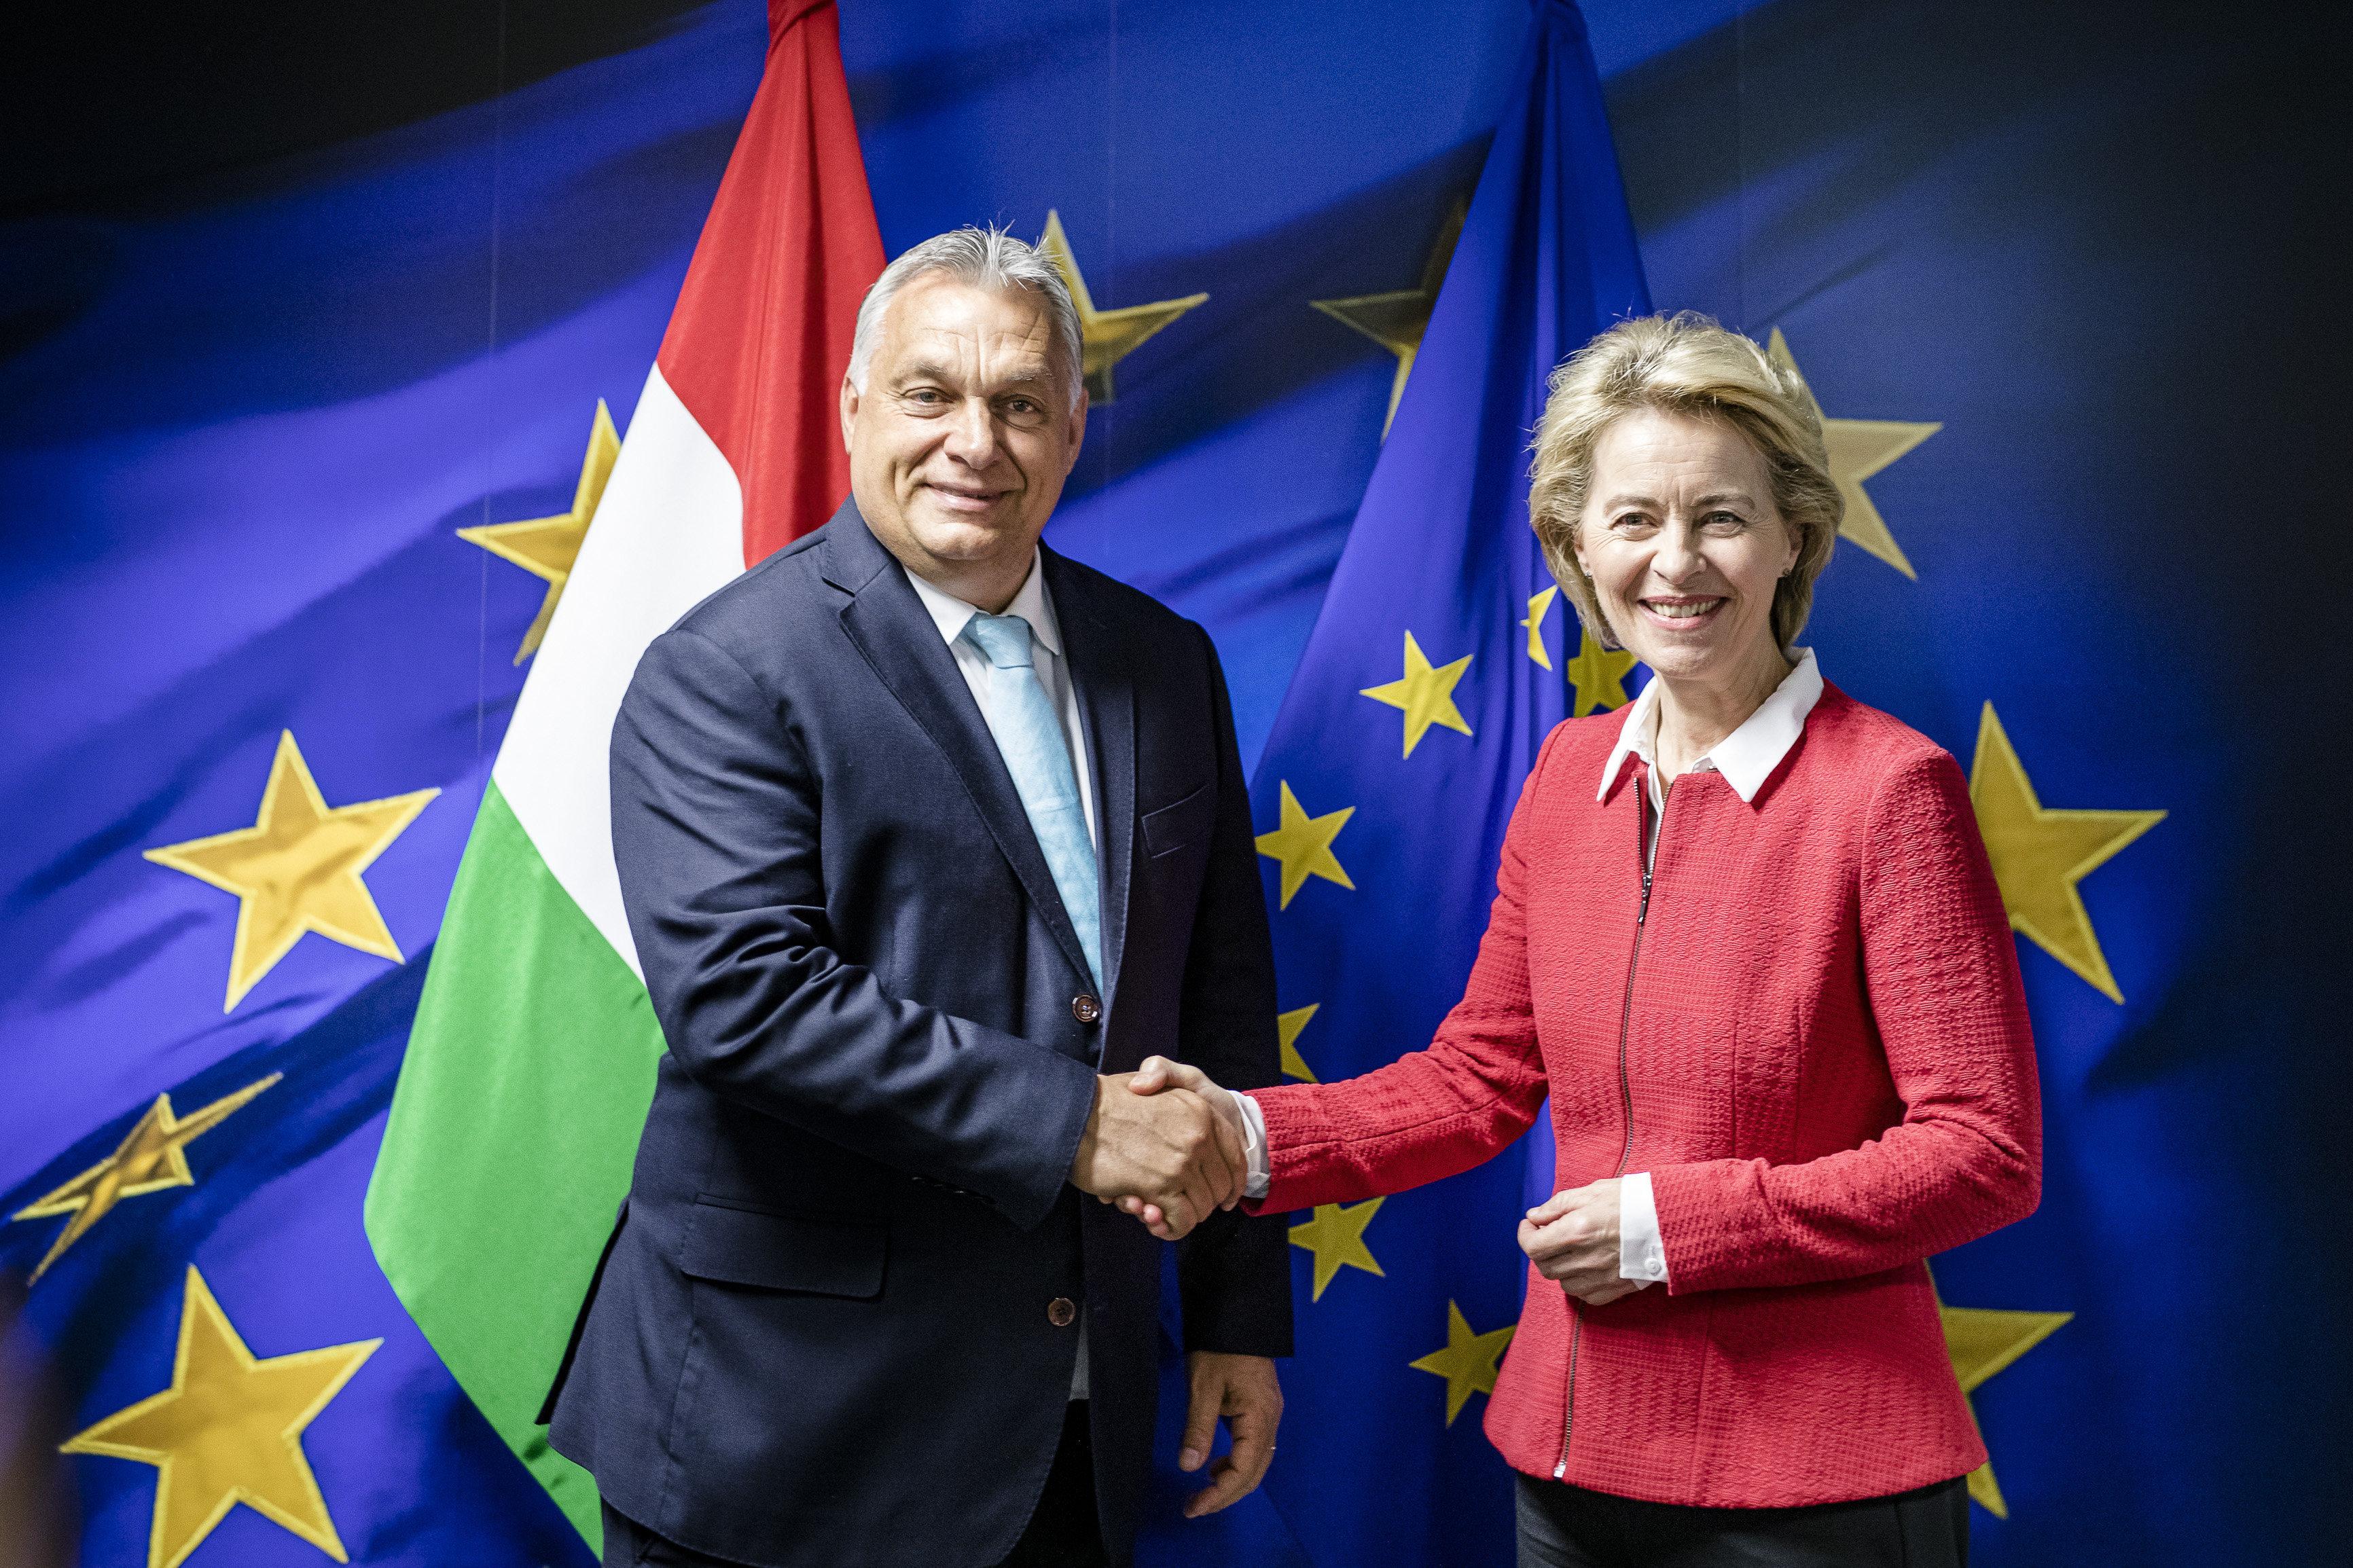 Egy női biztosjelöltet is kér a kormánytól az Európai Bizottság